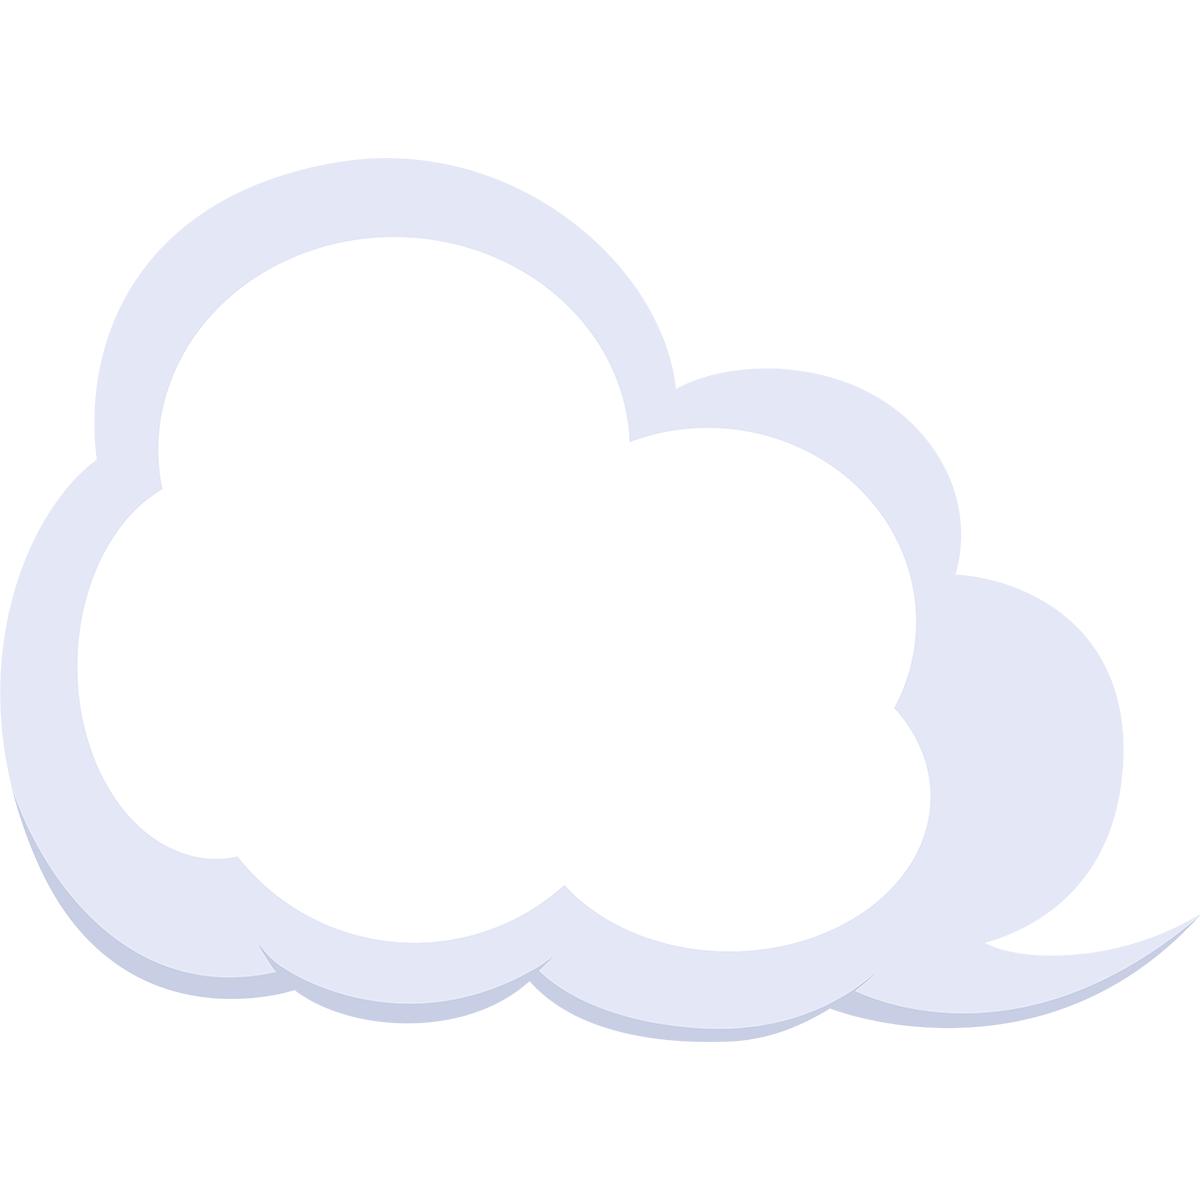 雲の無料イラスト